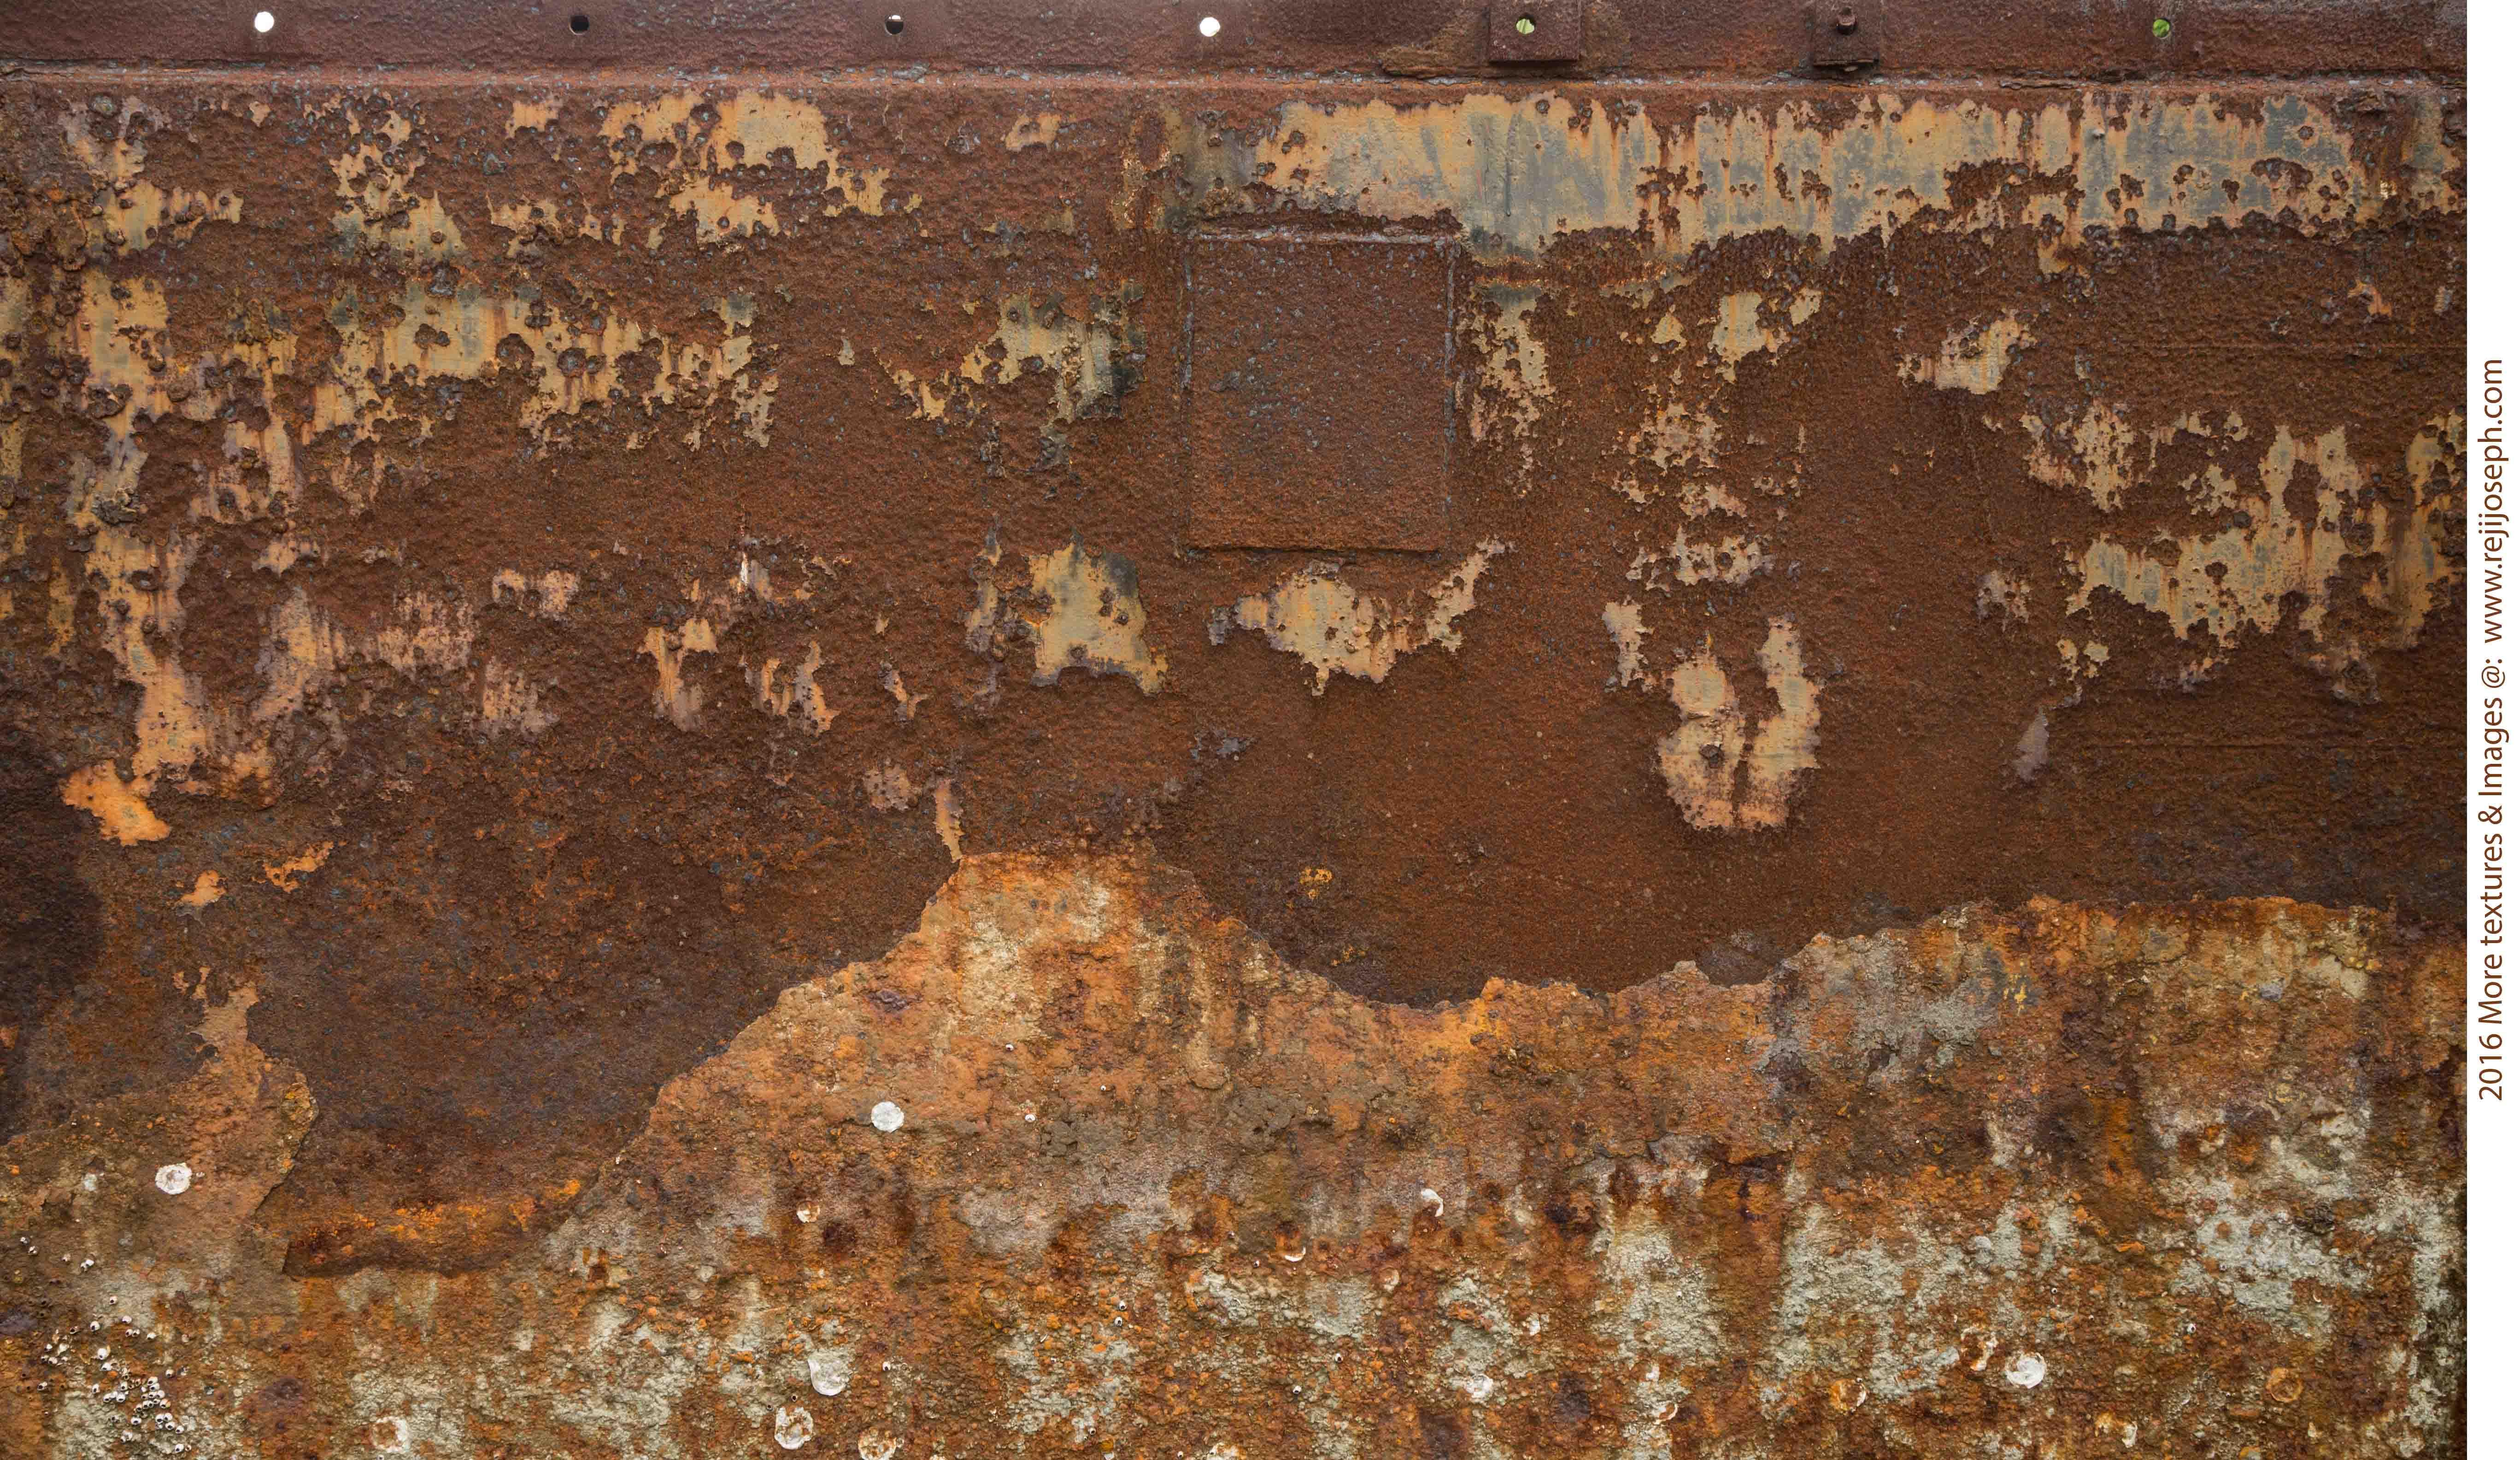 Rusty metal texture 00018